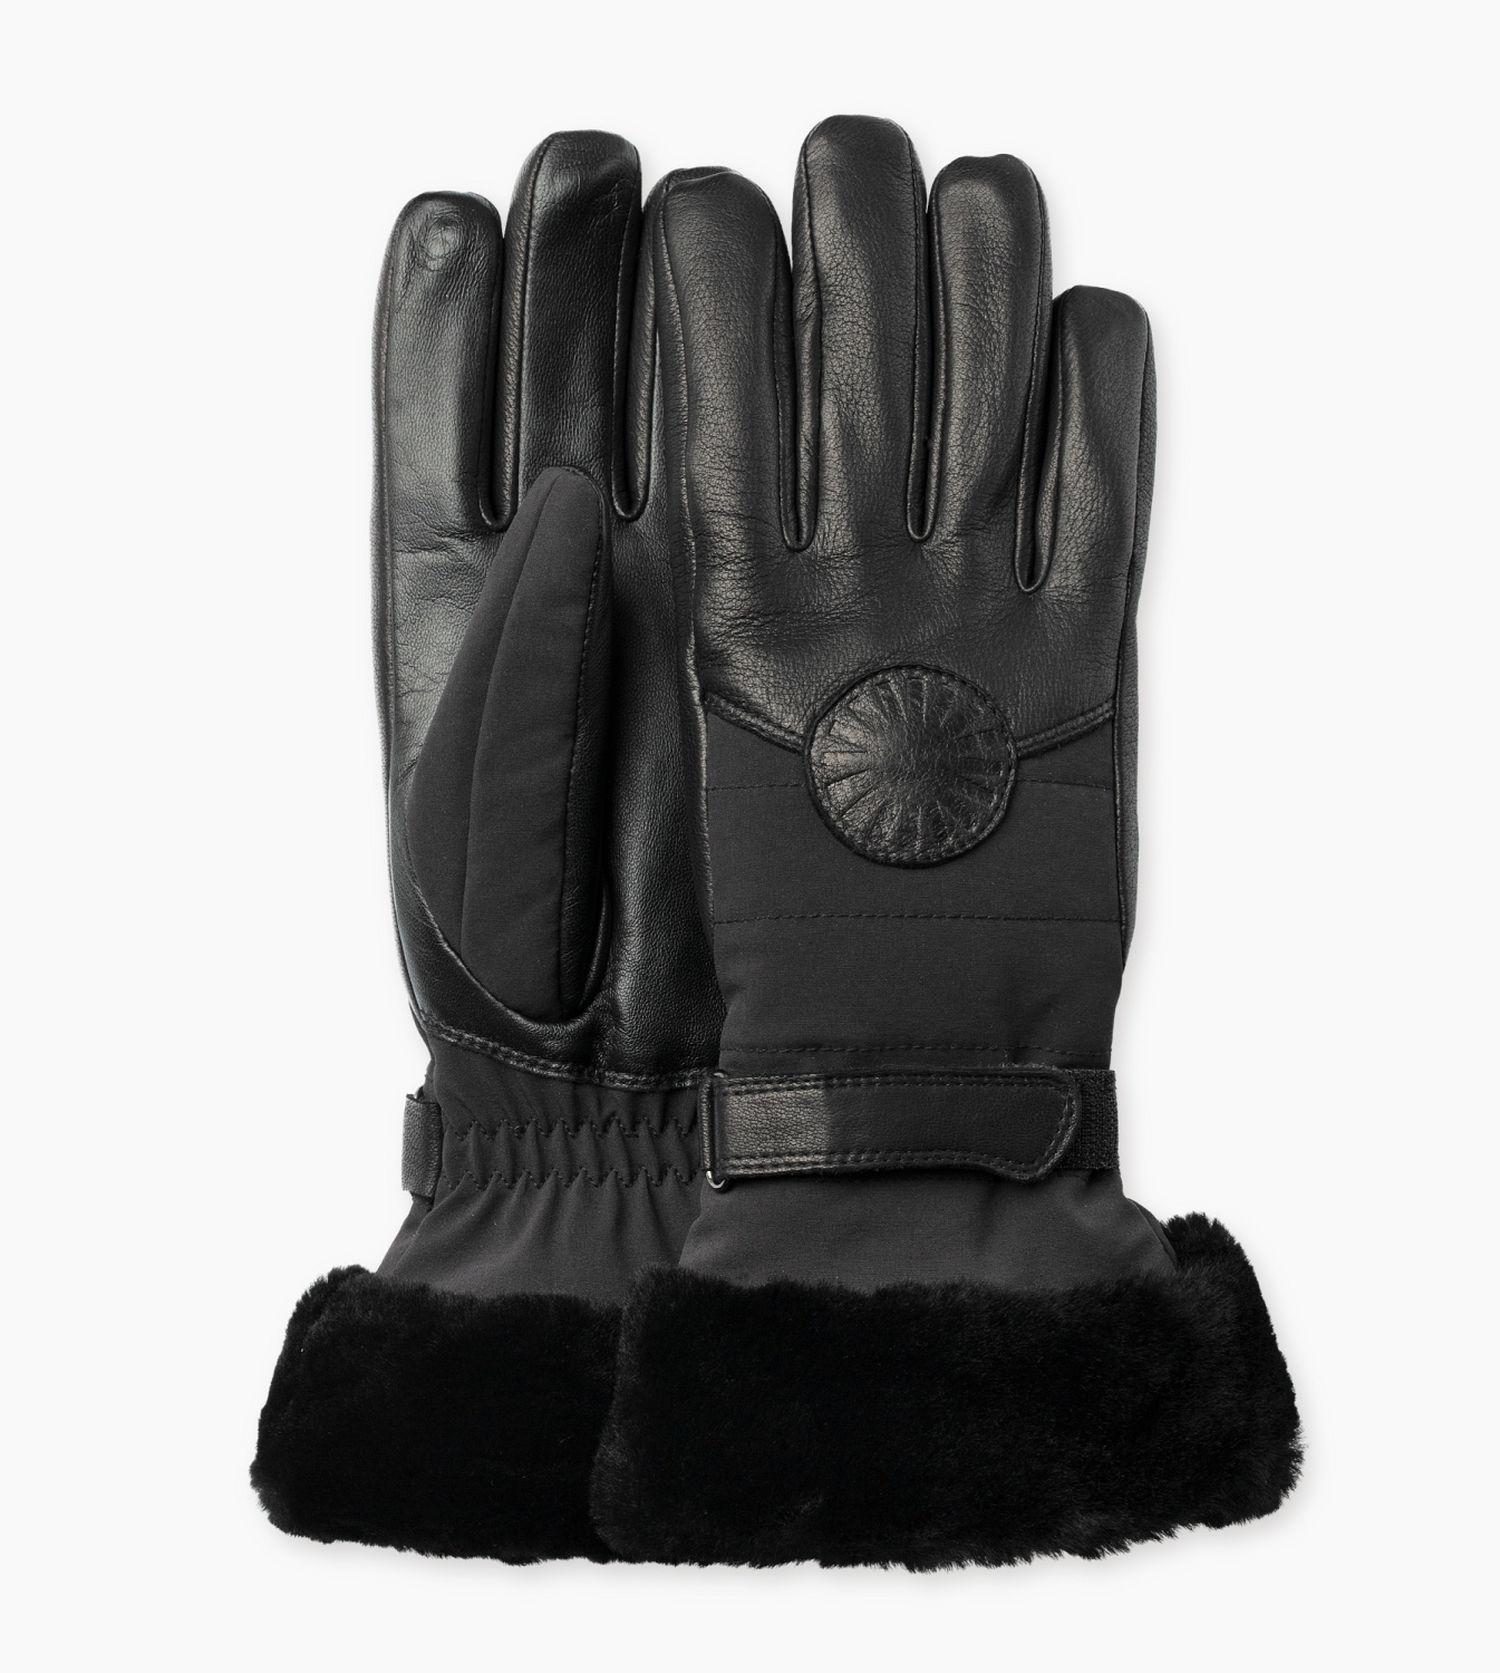 ugg performance smart glove damen leder handschuhe handschuhe accessoires damen bootbay. Black Bedroom Furniture Sets. Home Design Ideas